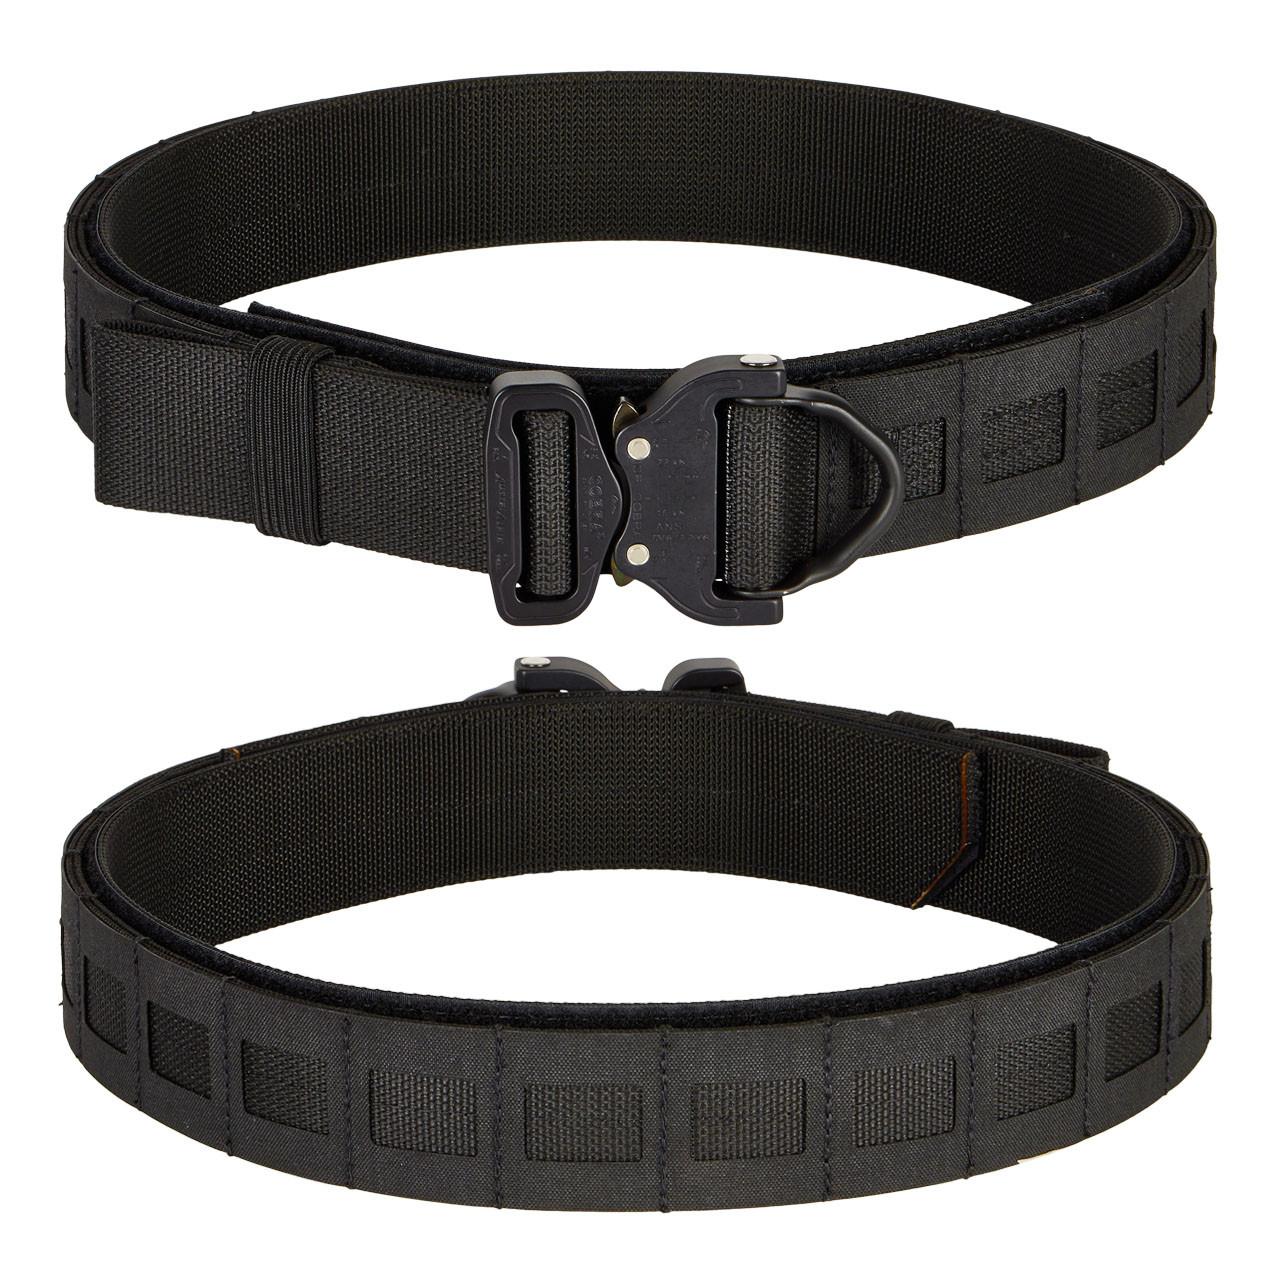 Black with Black Composite Material SMU Belt